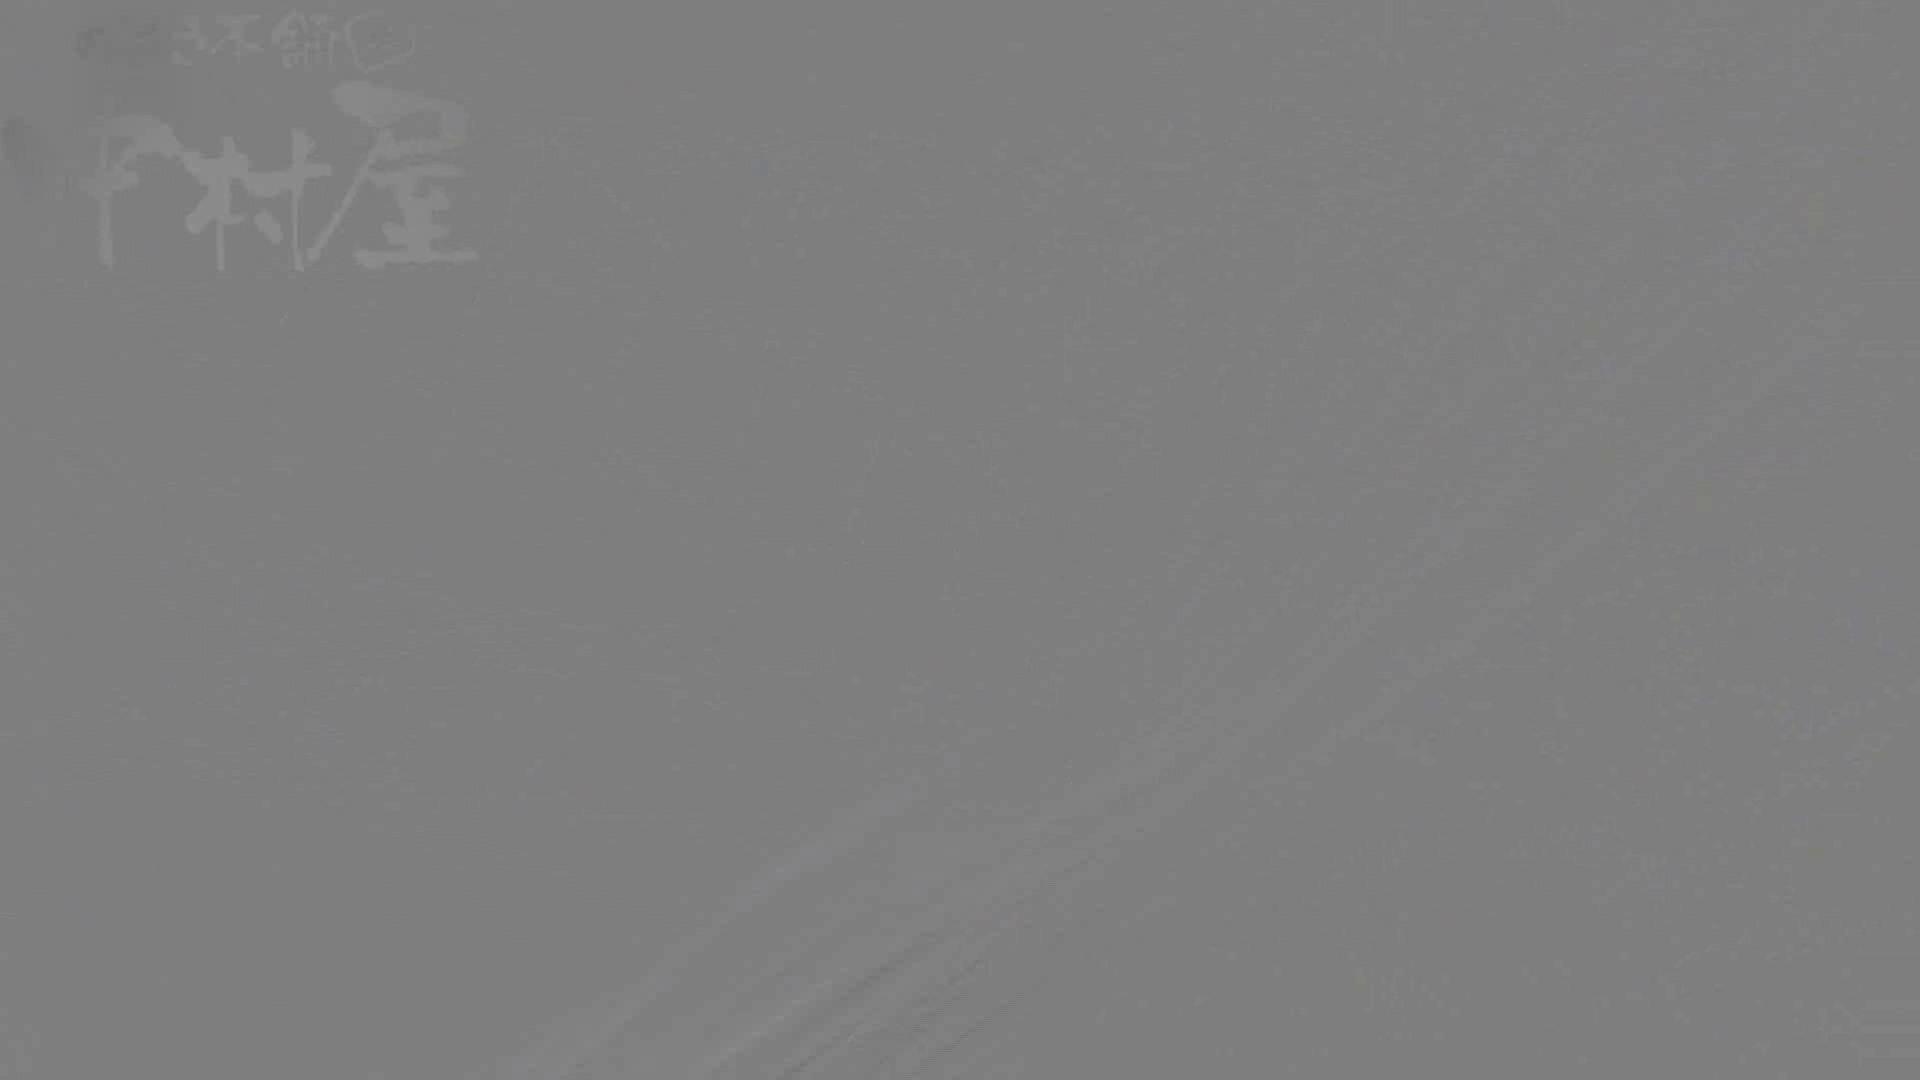 美しい日本の未来 No.25 「22」に登場した子がまさかの大で再登場!! 女子トイレ編 | 排泄編  102PIX 17